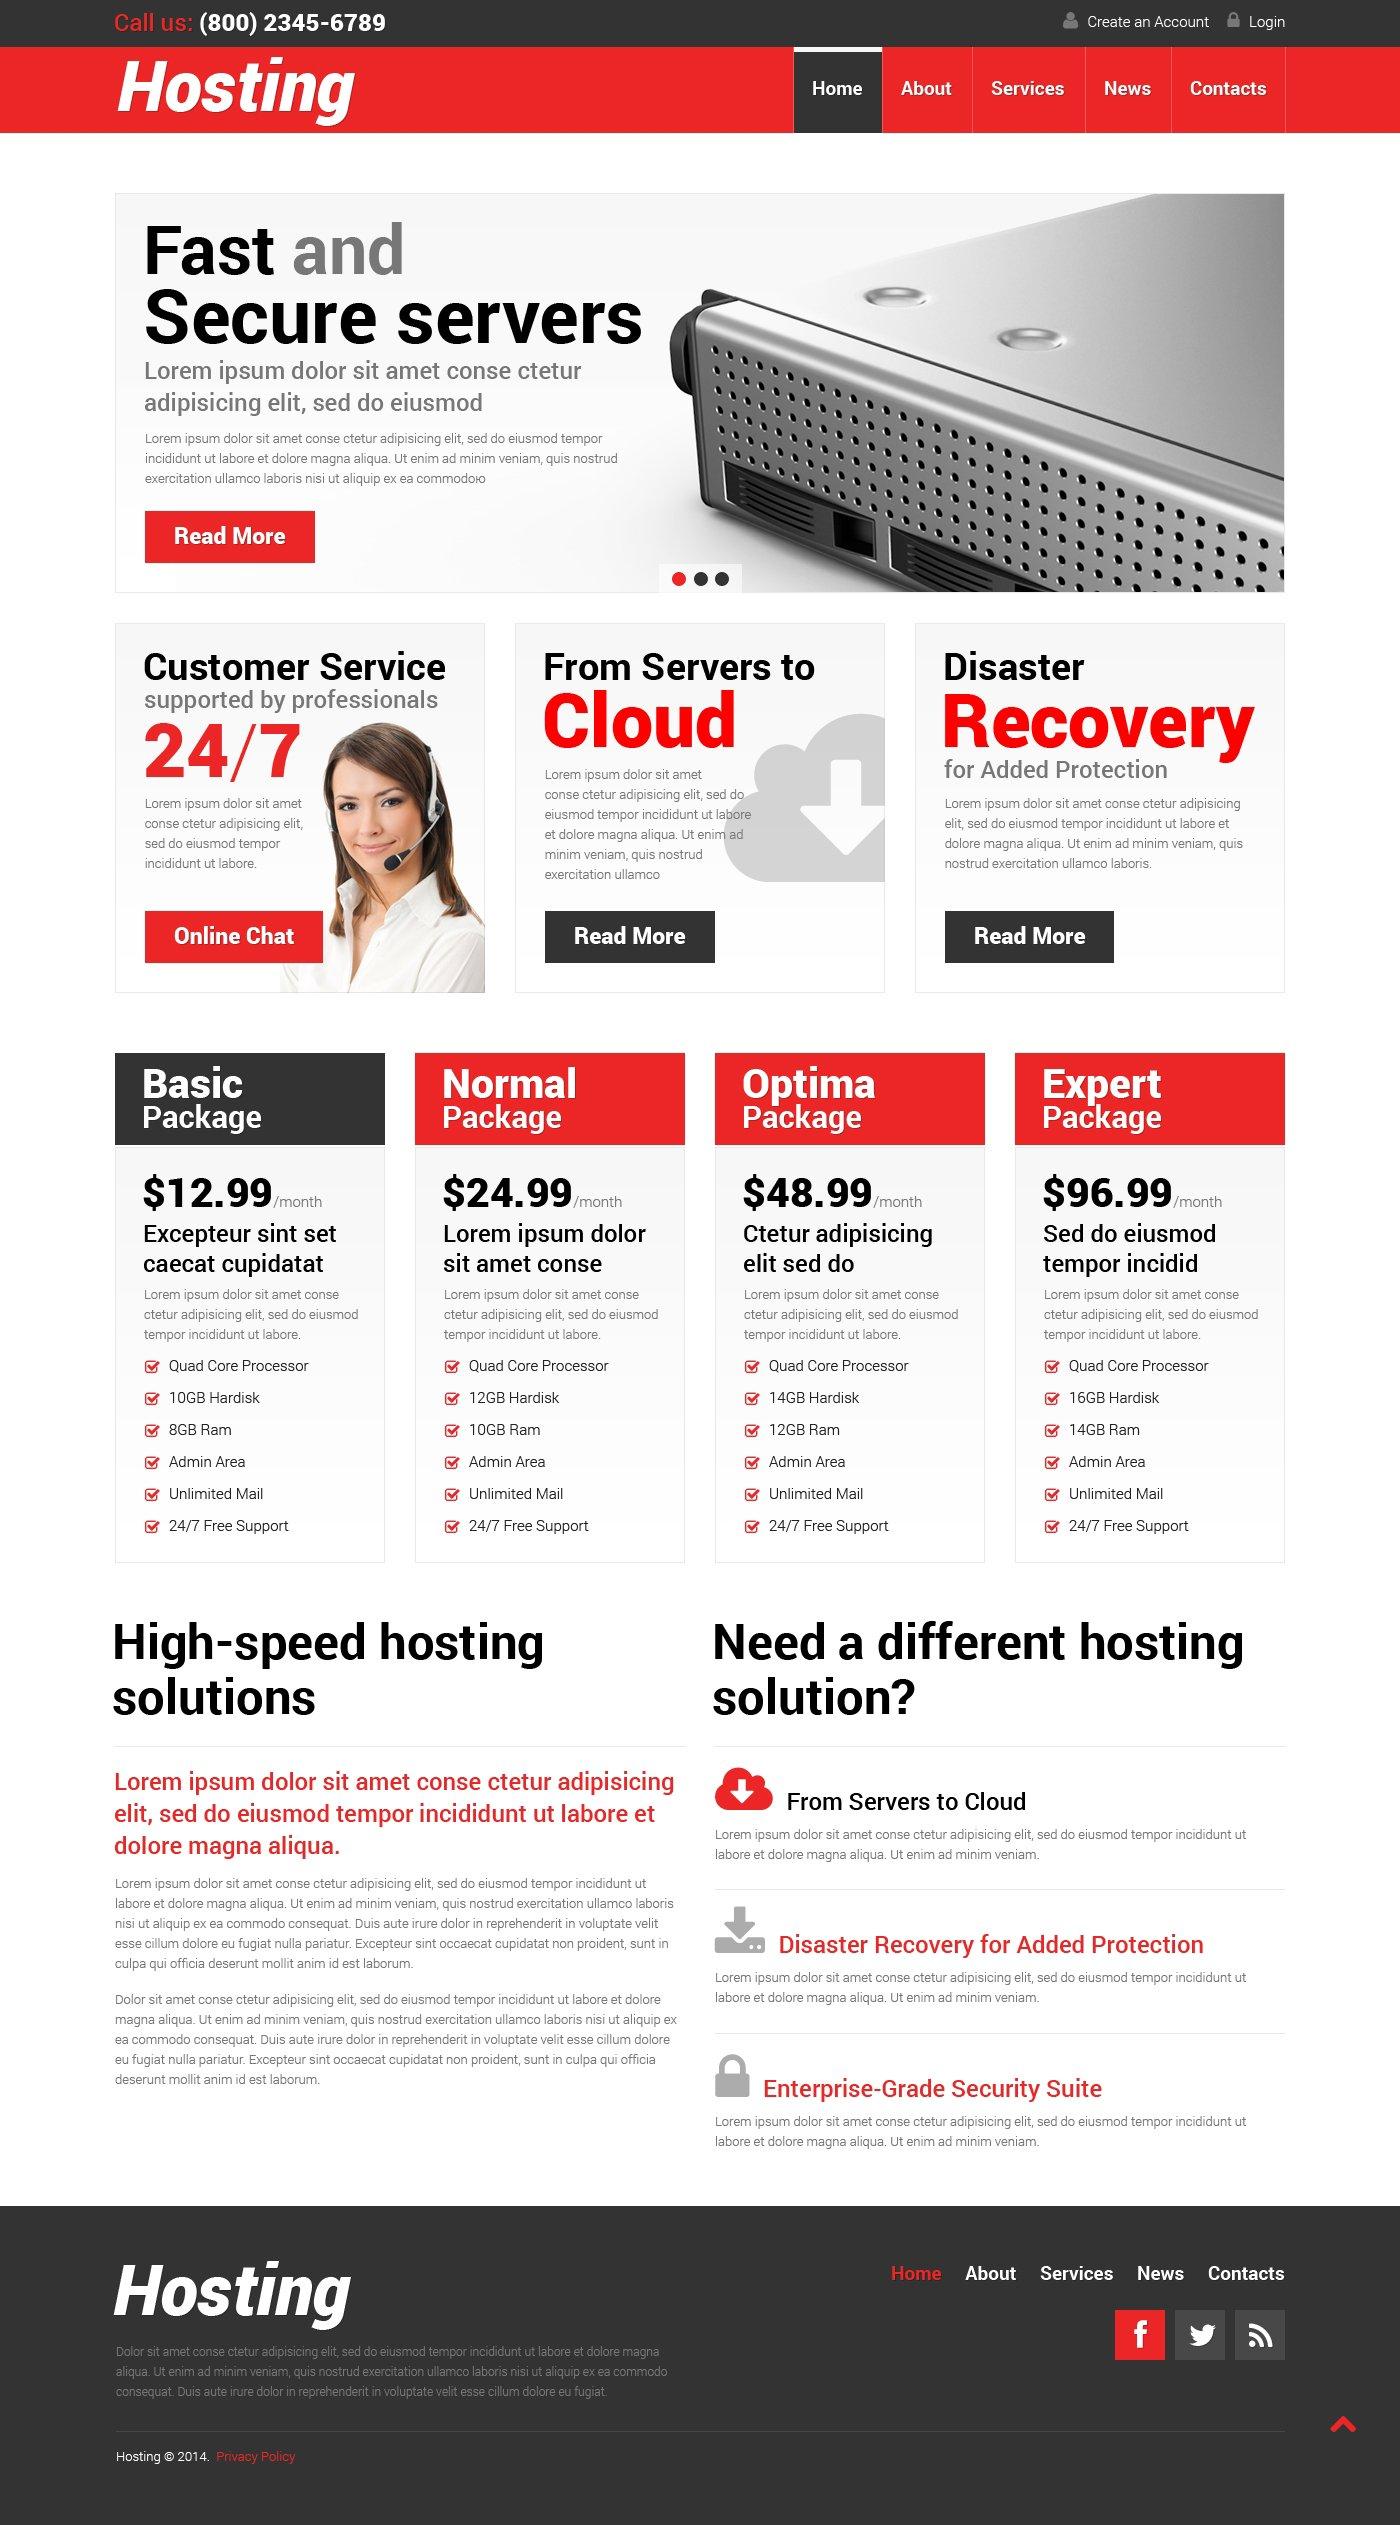 Адаптивний WordPress шаблон на тему хостинг №50999 - скріншот